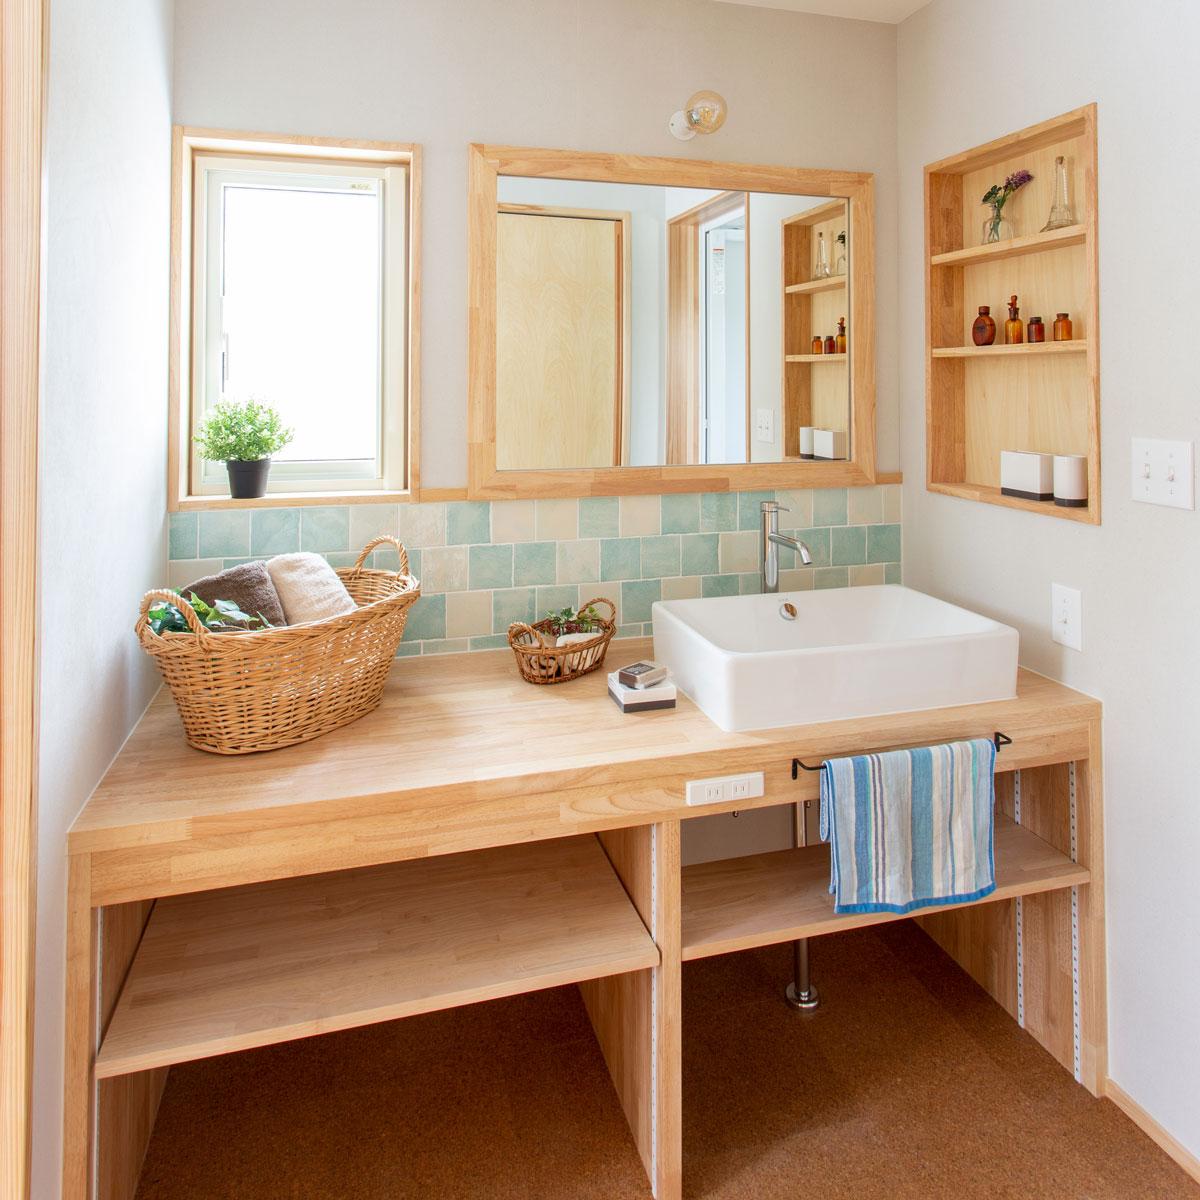 ブルーのモザイクタイルがナチュラルでかわいい洗面台